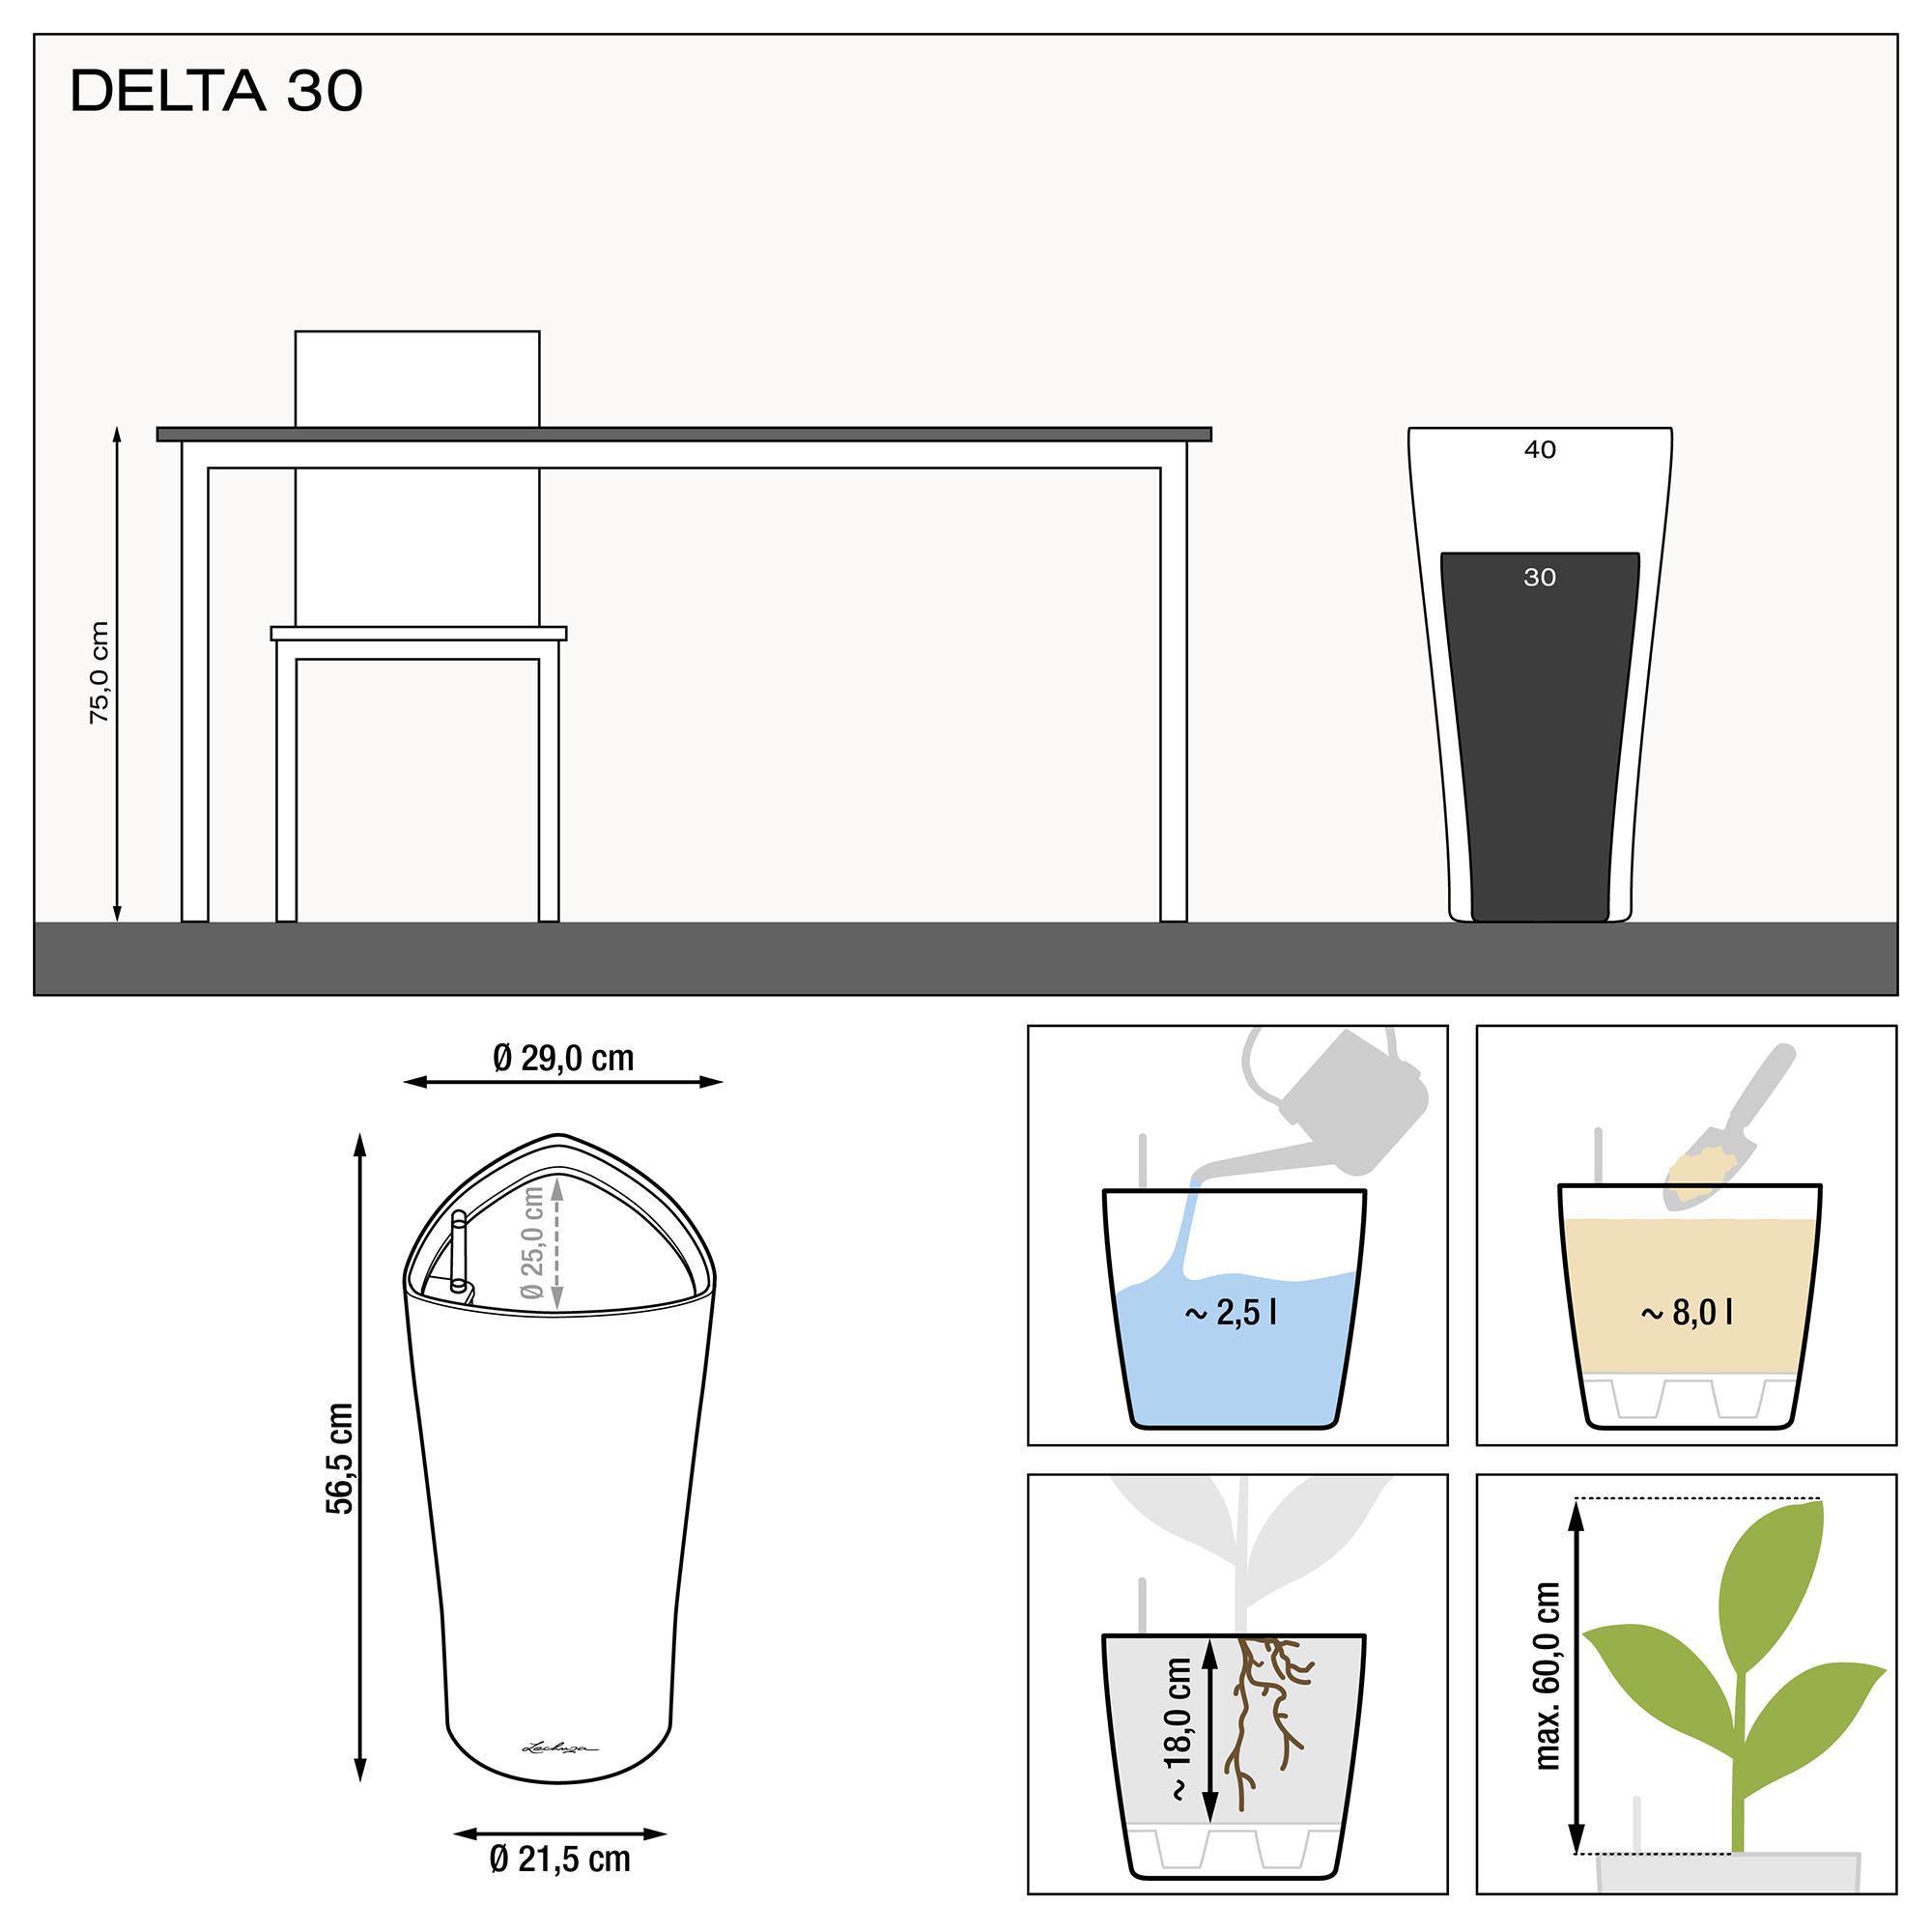 le_delta30_product_addi_nz